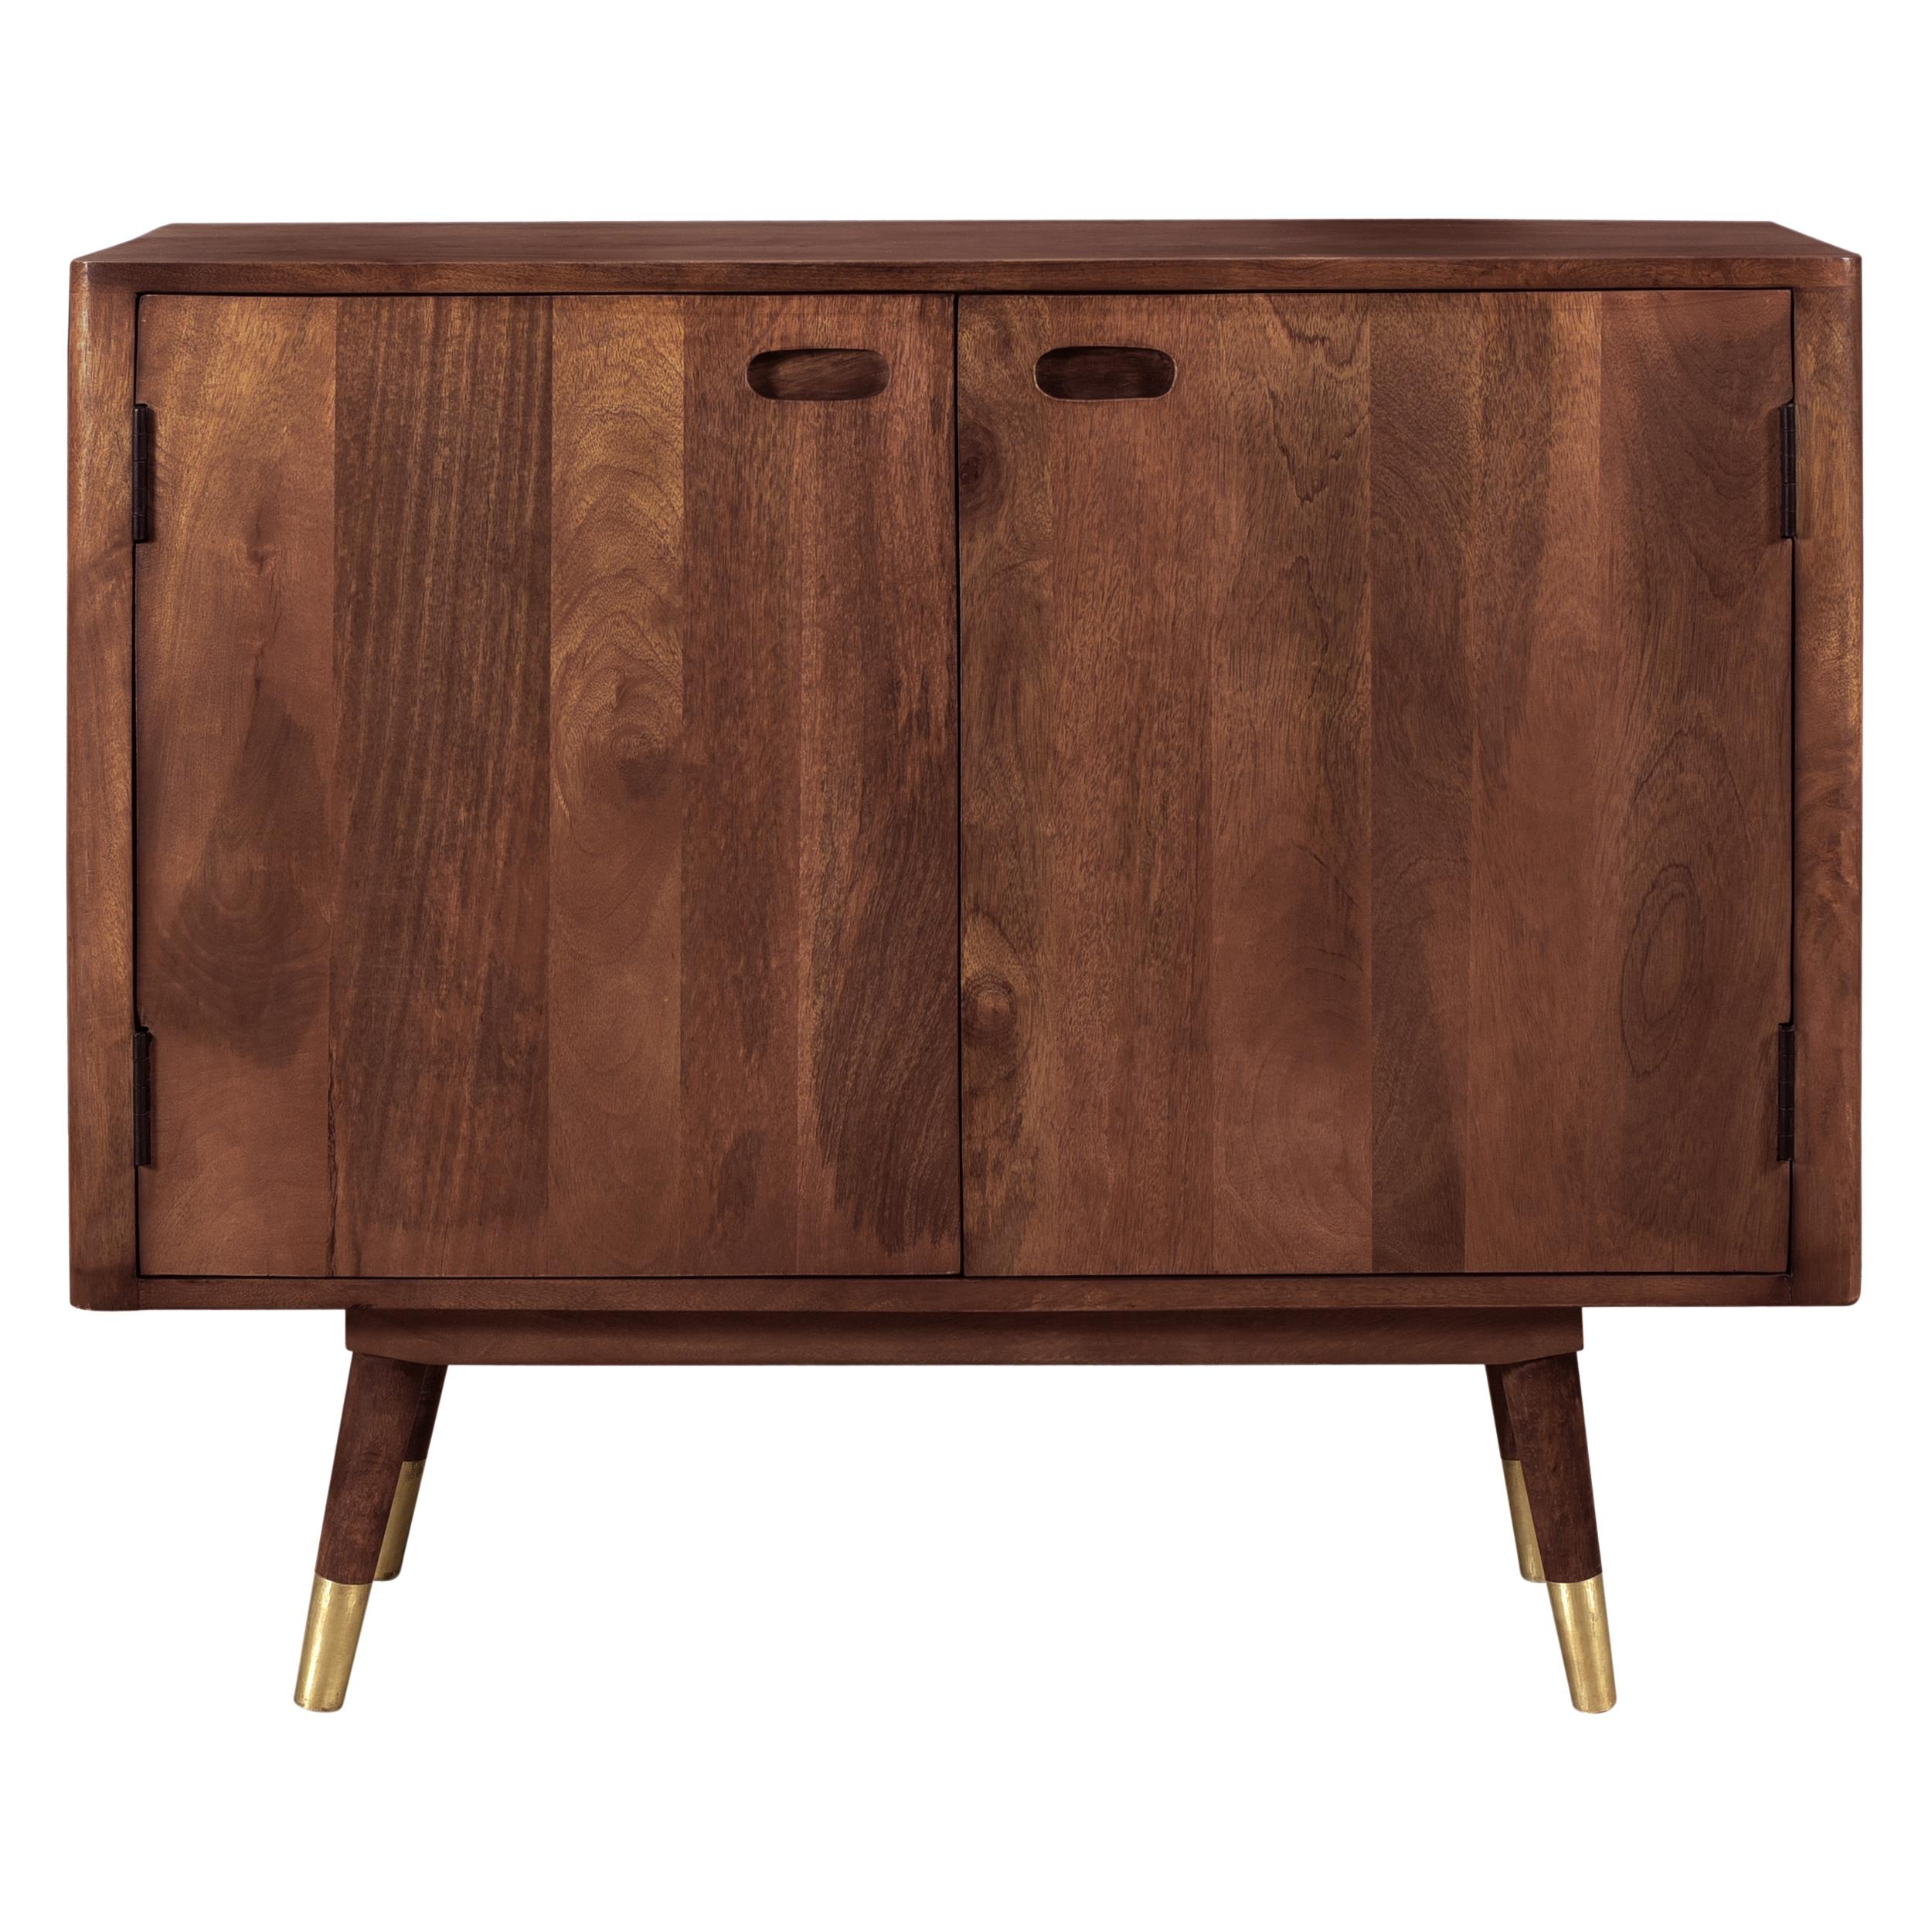 Buffet en bois massif 2 portes et détails dorés